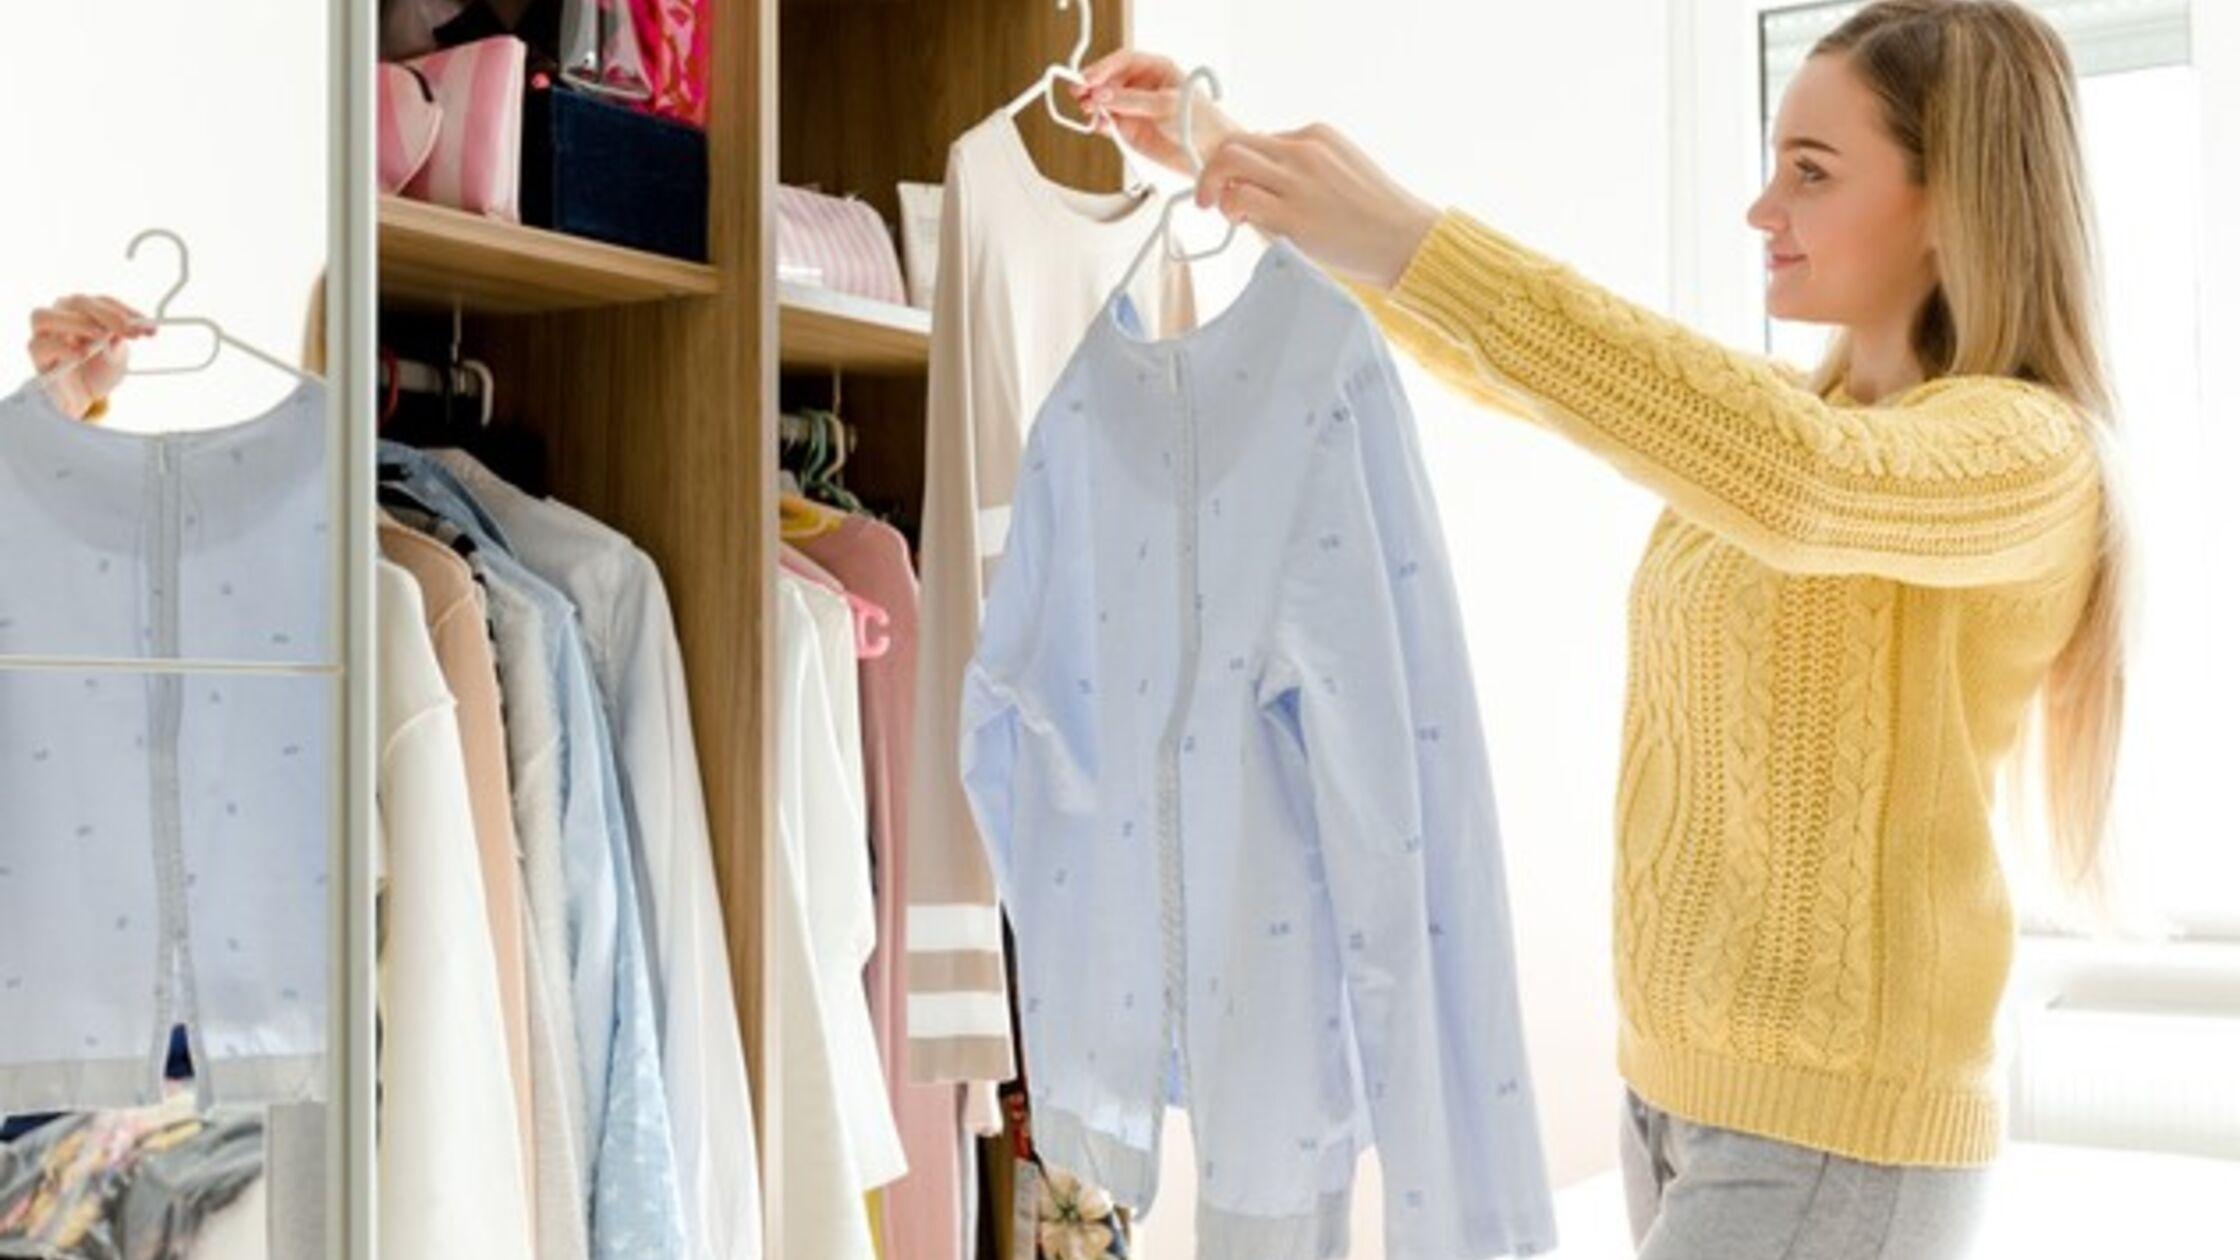 Ideen fürs Ankleidezimmer: So planen Sie Ihren begehbaren Kleiderschrank